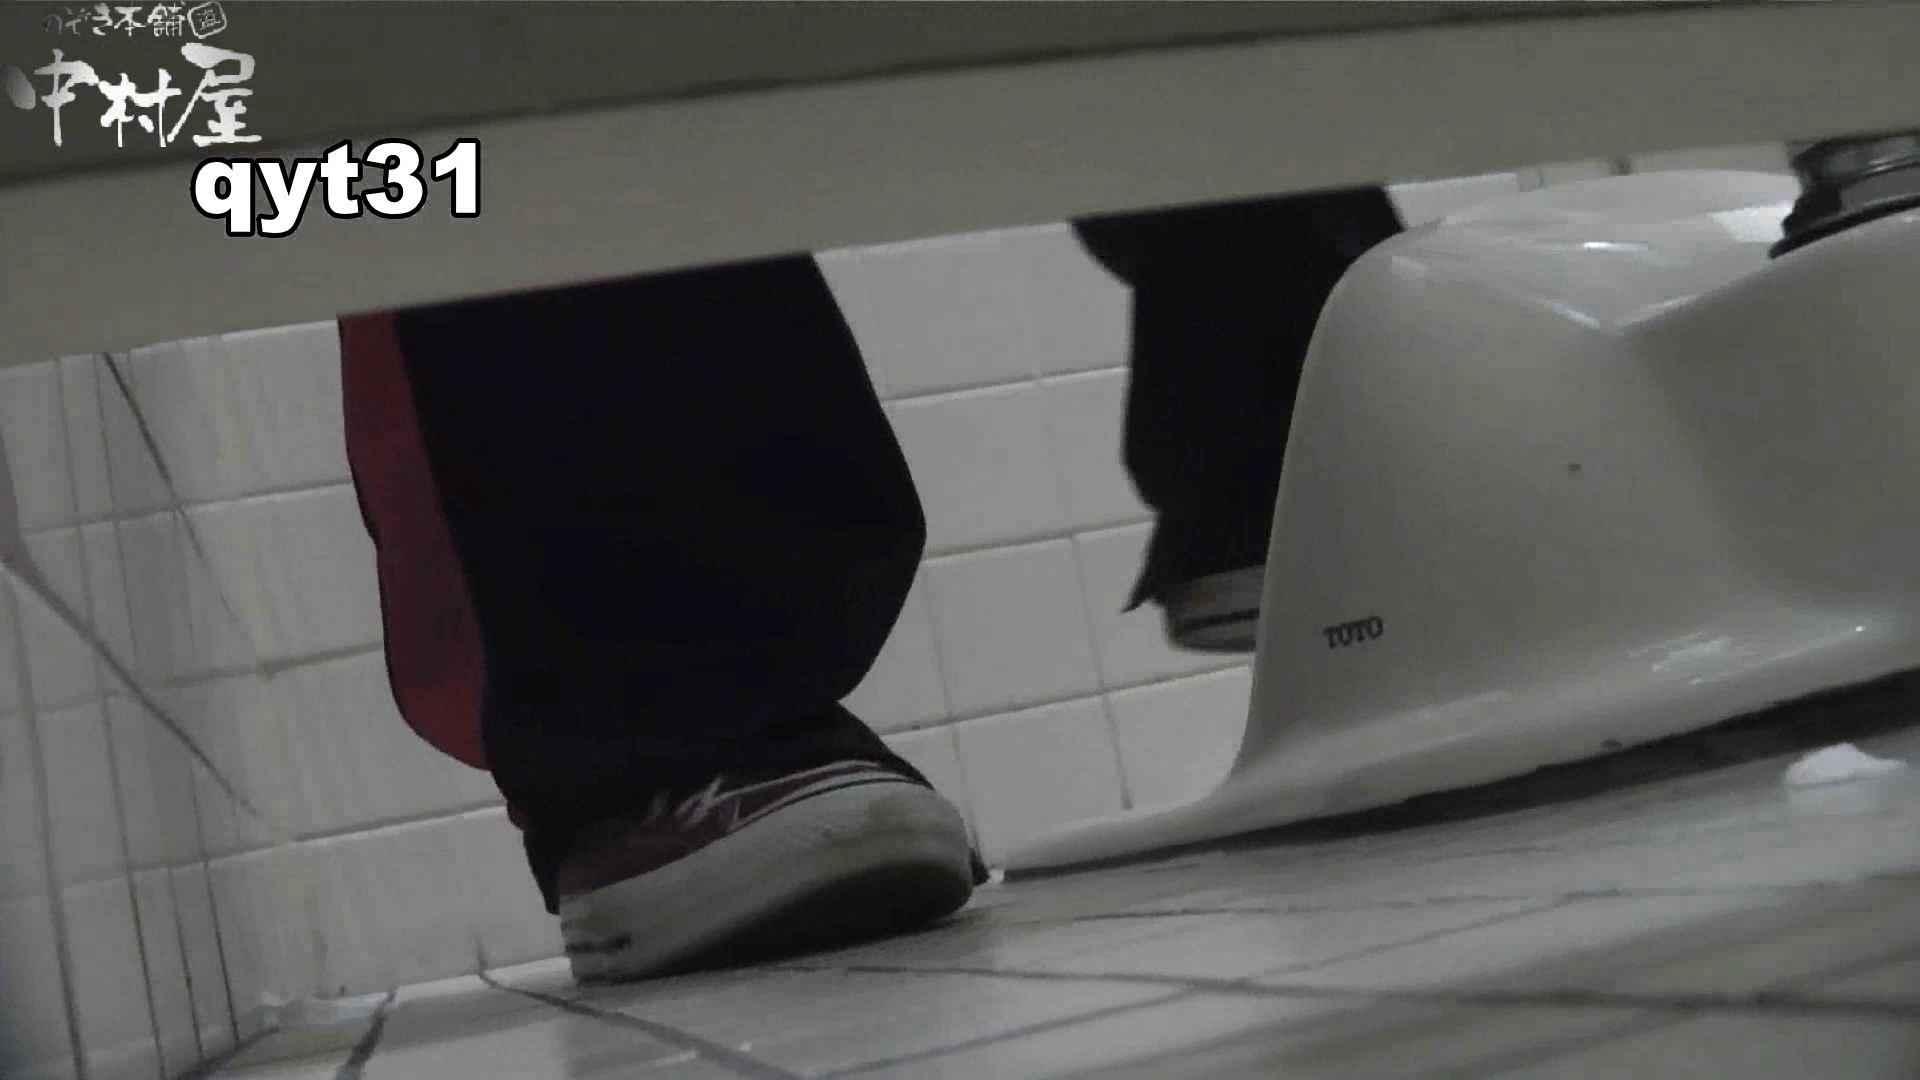 【お銀さんの「洗面所突入レポート!!」】お銀さんの「洗面所突入レポート!!」 vol.31 Σ(||゚Д゚)ヒィ~!! 洗面所  71枚 4